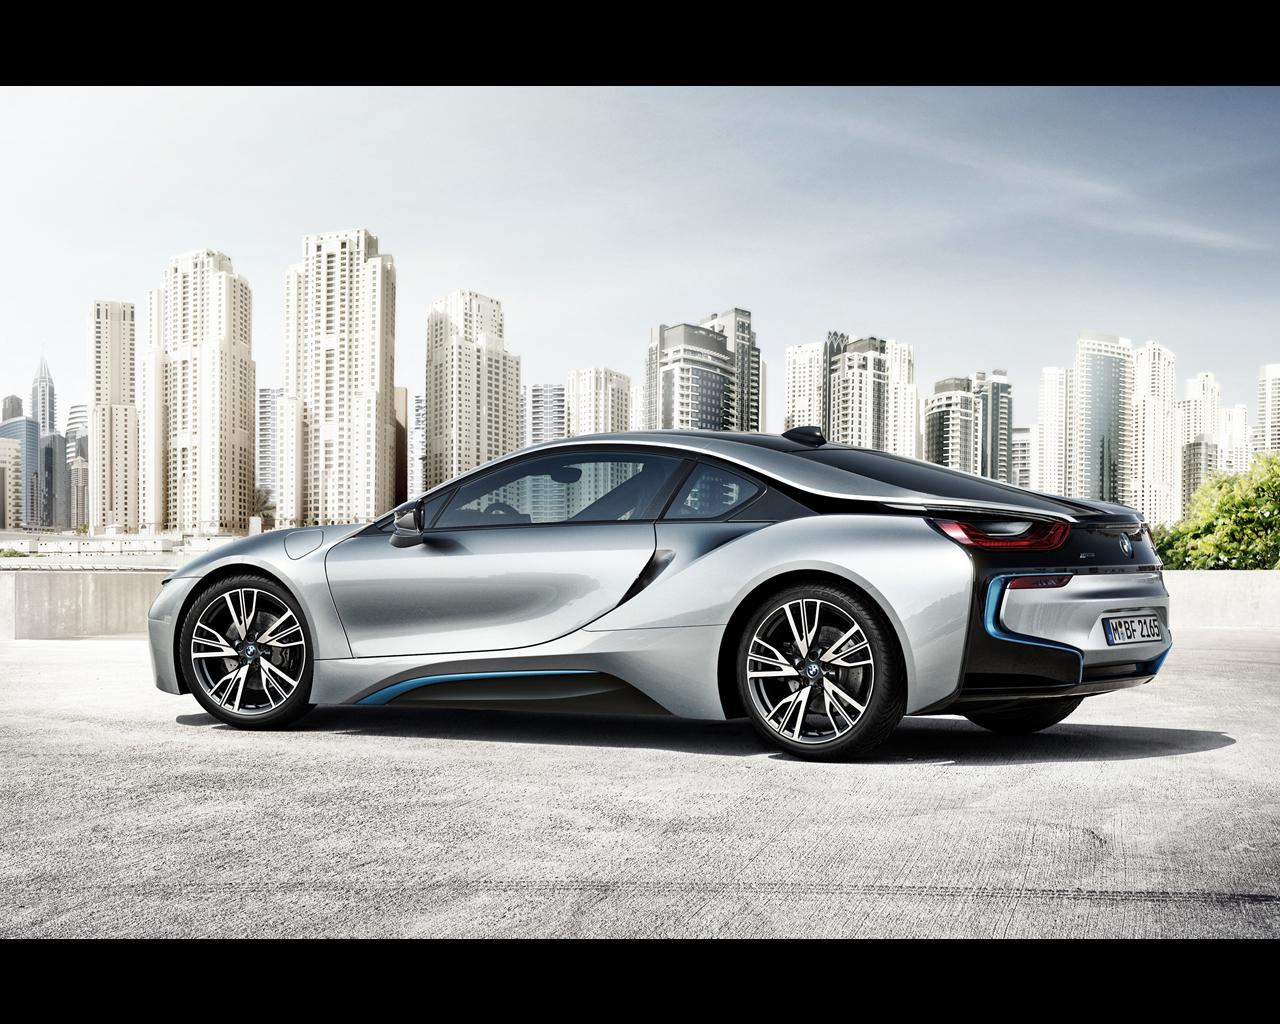 2013 bmw i8 plug in hybrid sports car 2013